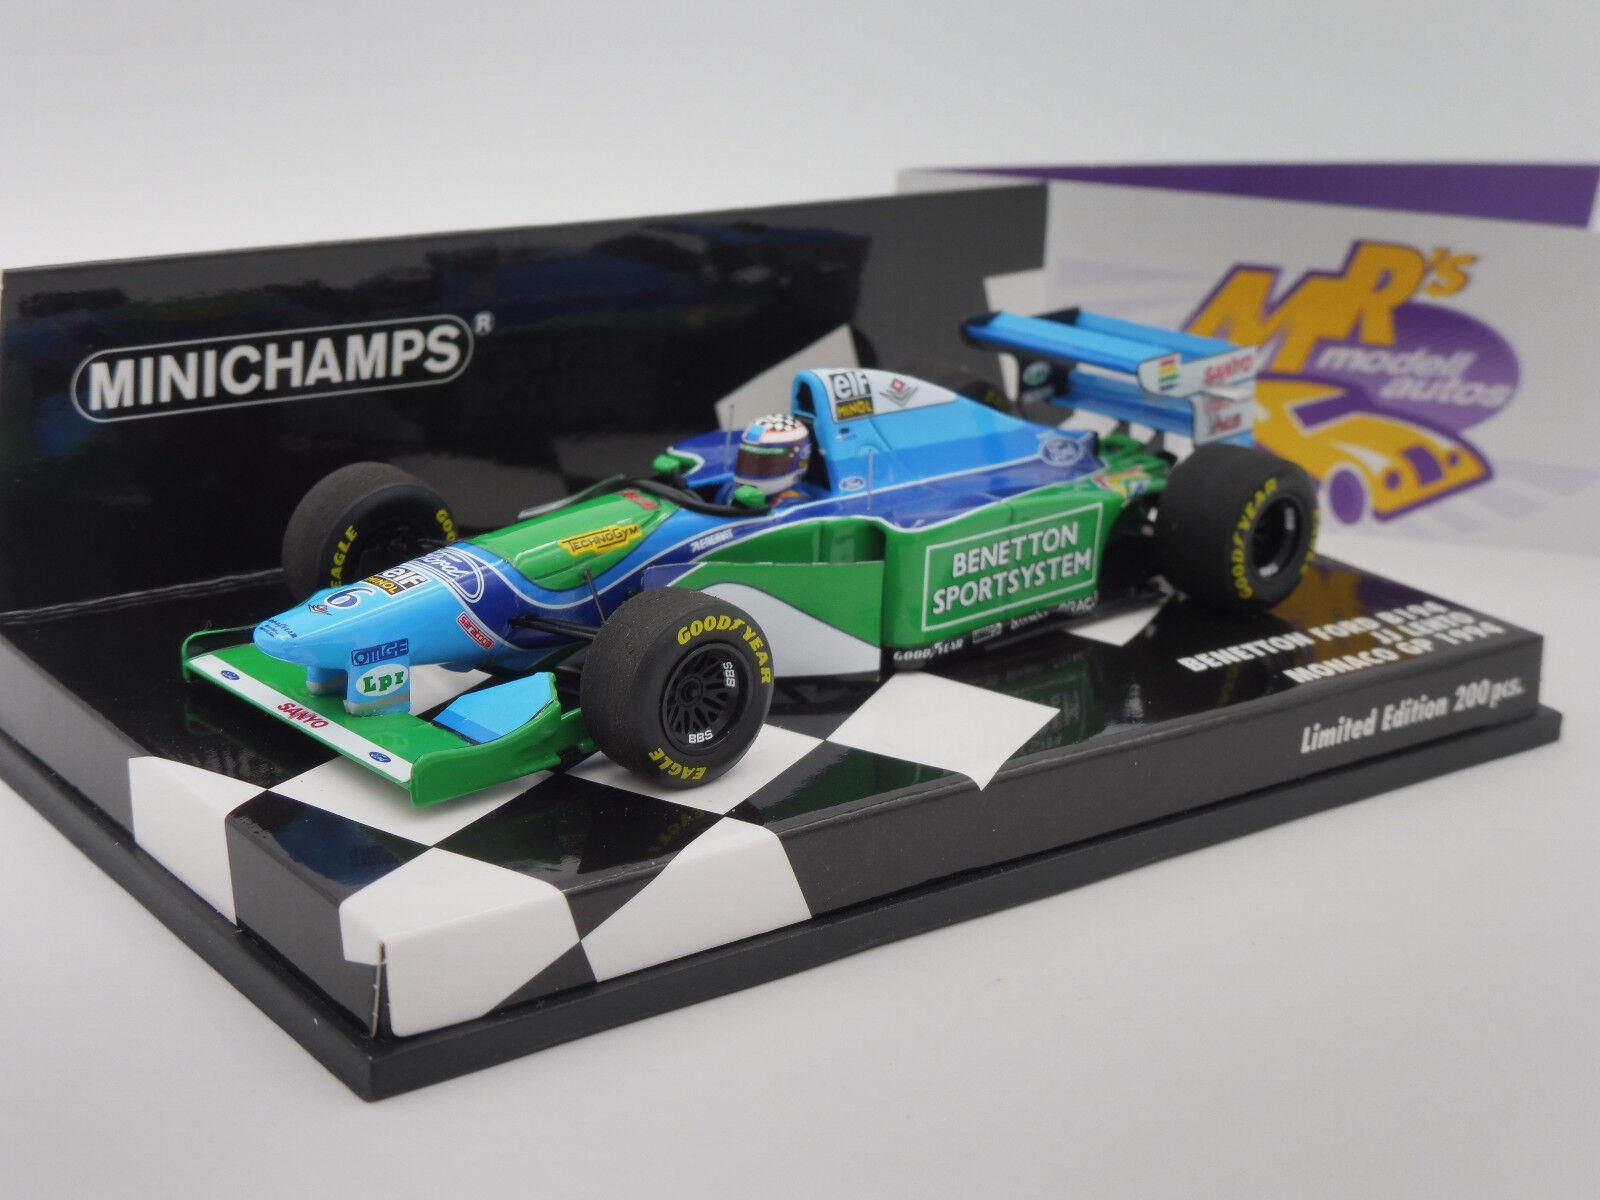 comprar barato Minichamps 417940406   benetton ford ford ford b194 Monaco GP 1994  jj. lehto  1 43 nuevo  barato en línea